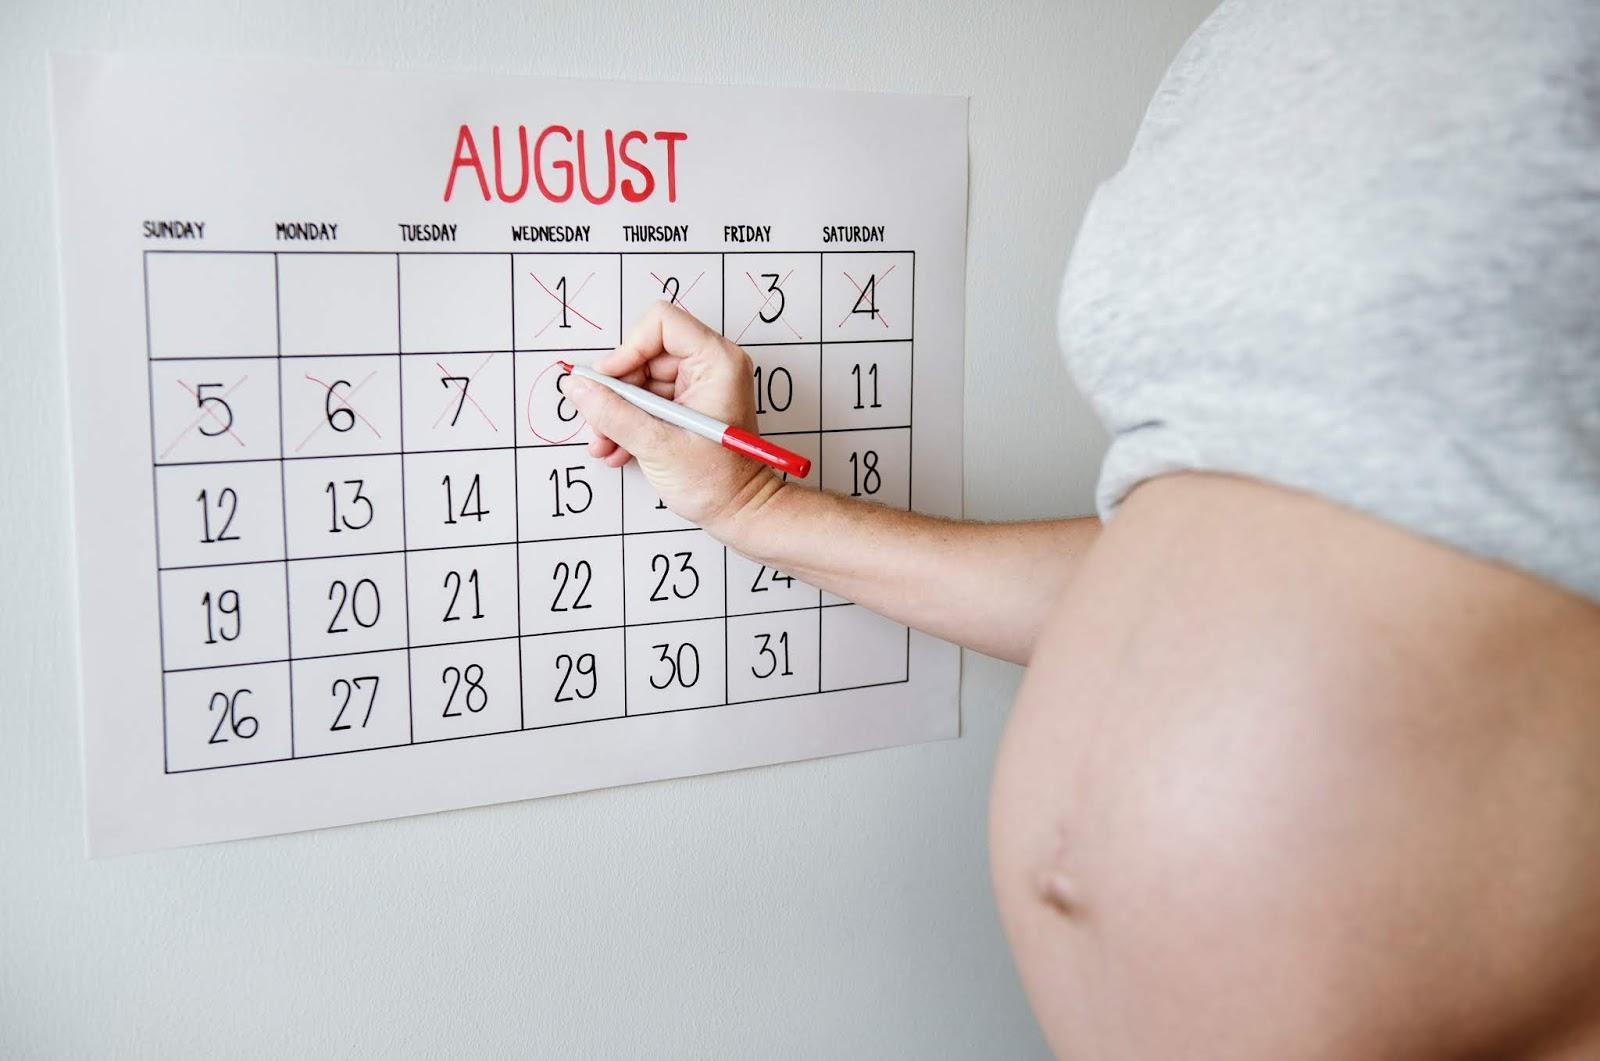 pas-accouche-jour-du-terme-grossesse